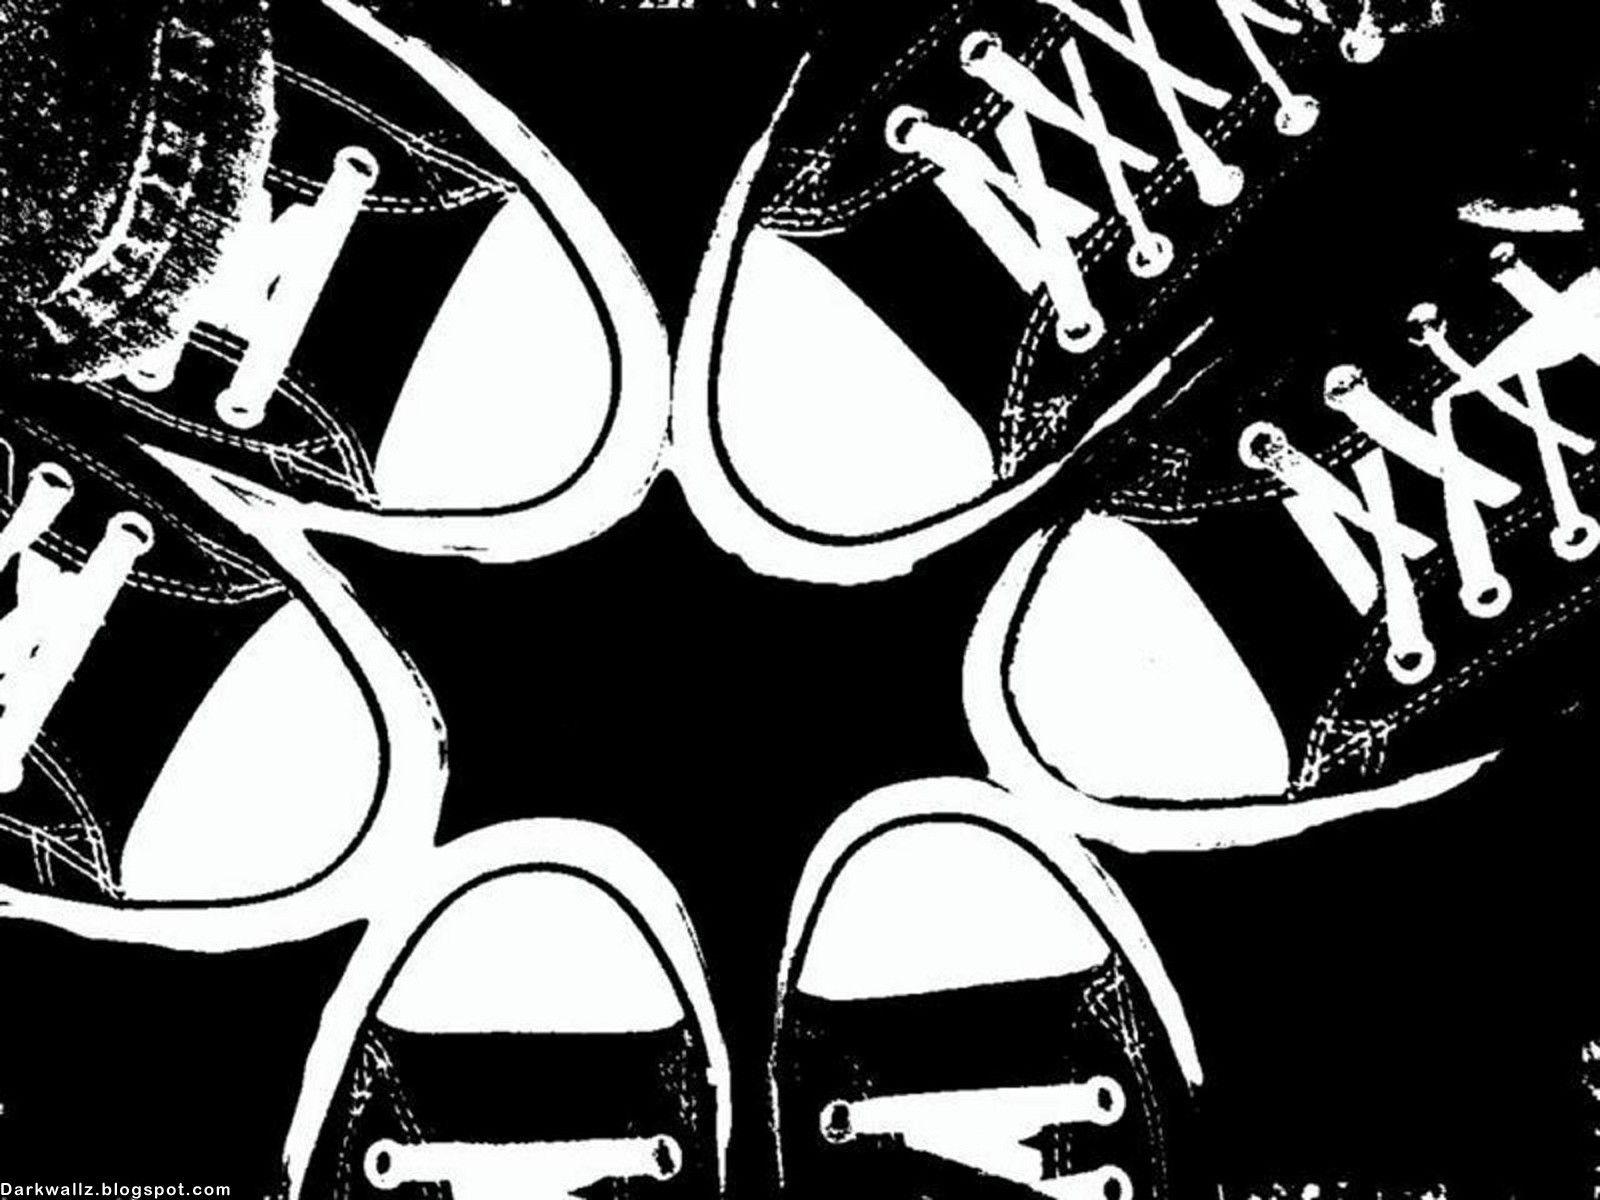 Afbeeldingsresultaat Voor Beebo Urie Wallpaper Goth Wallpaper Emo Wallpaper Hipster Phone Wallpaper